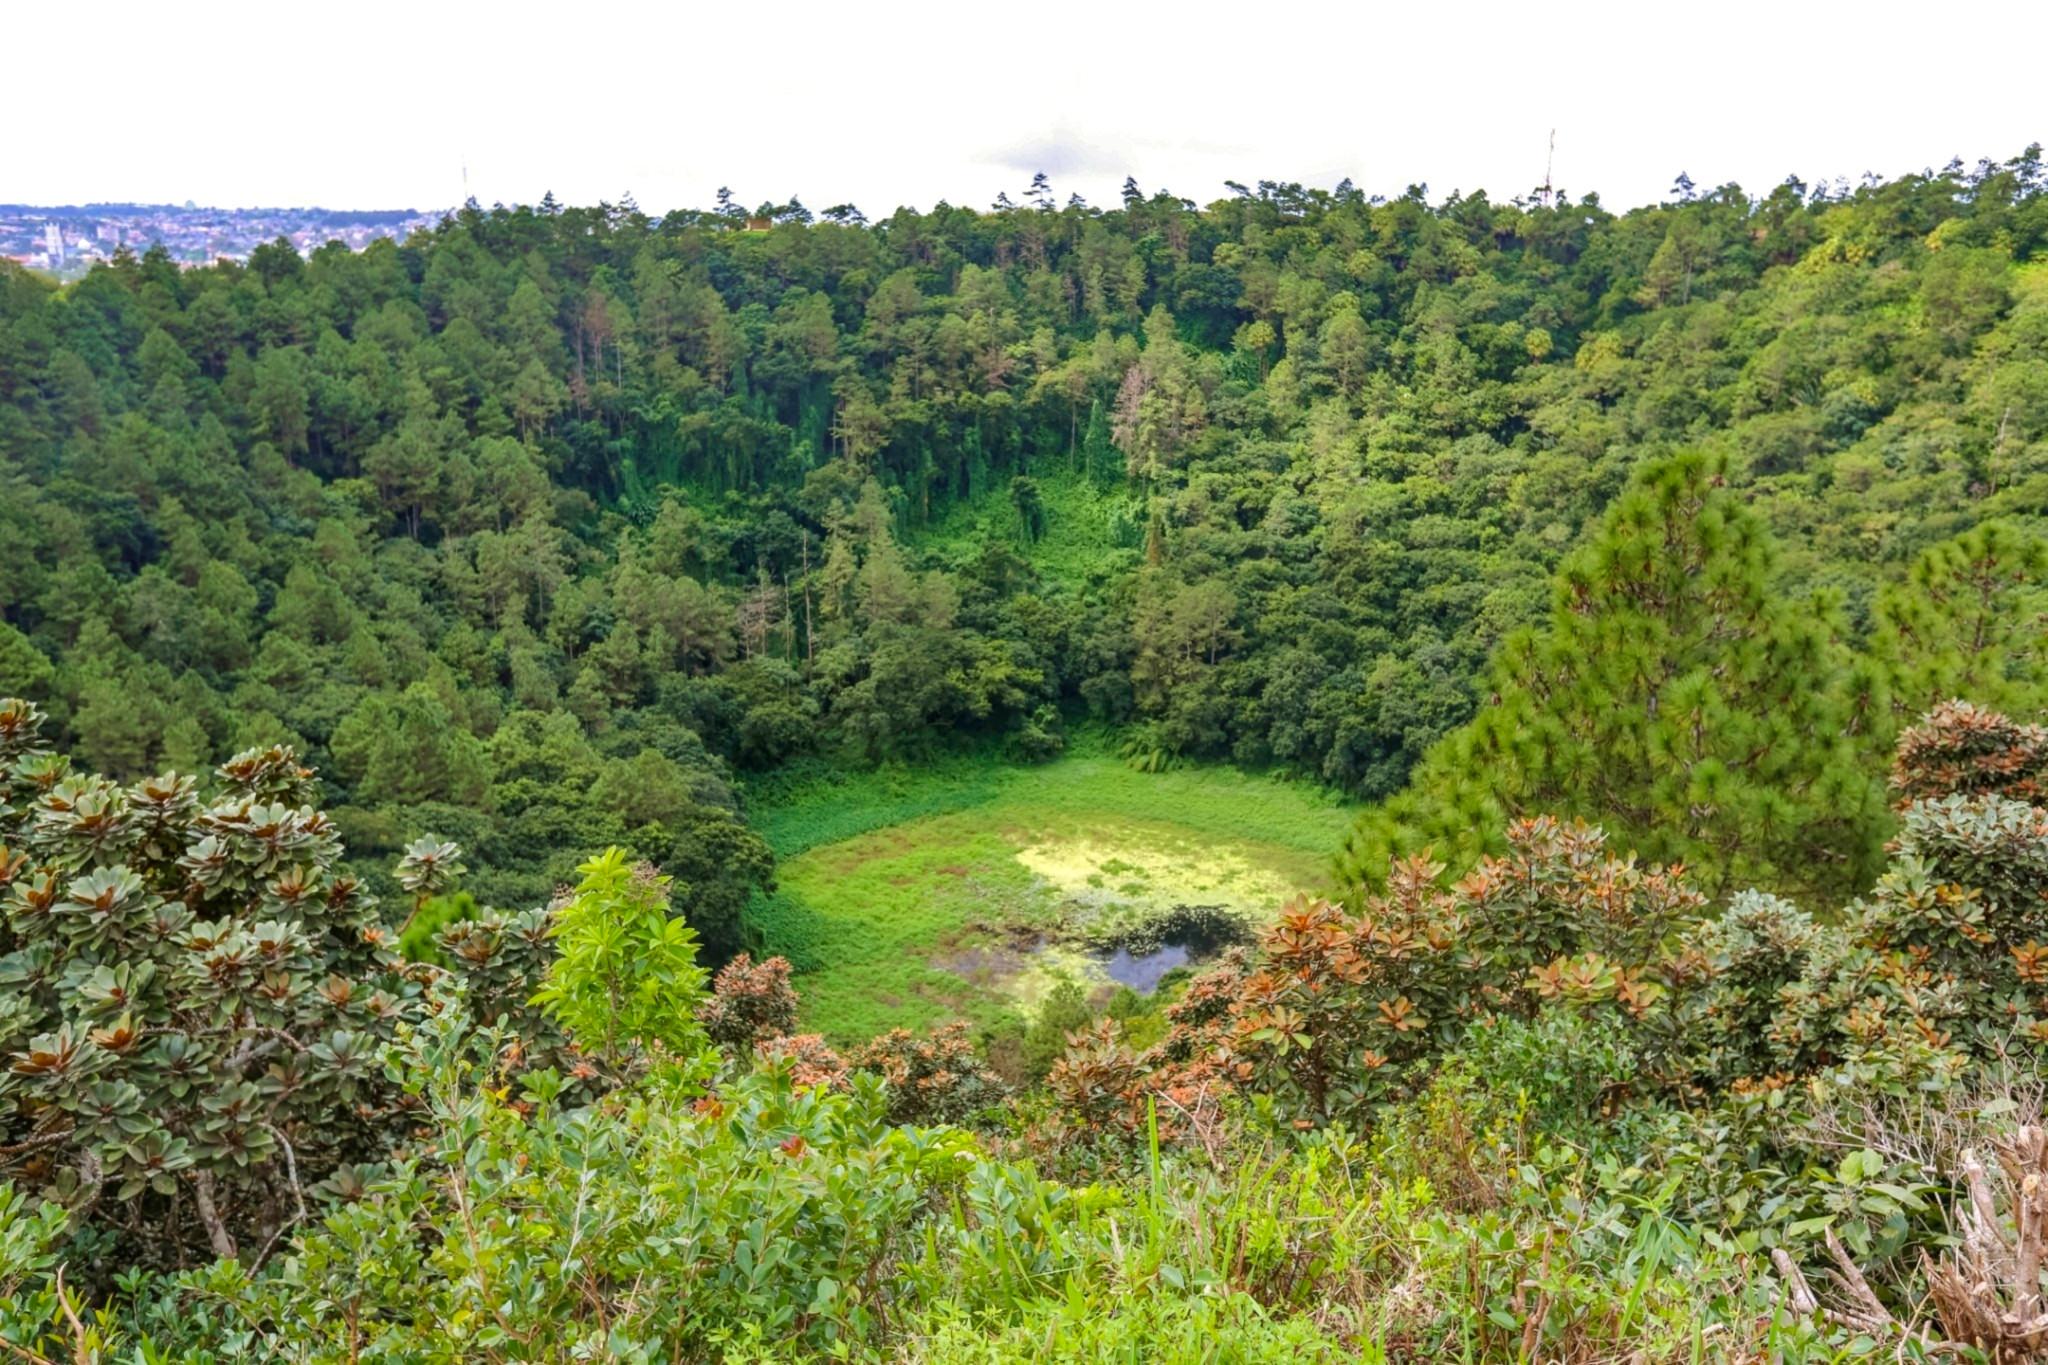 模里西斯,Mauritius,模里西斯景點,七色土,鹿洞火山口,模里西斯旅遊